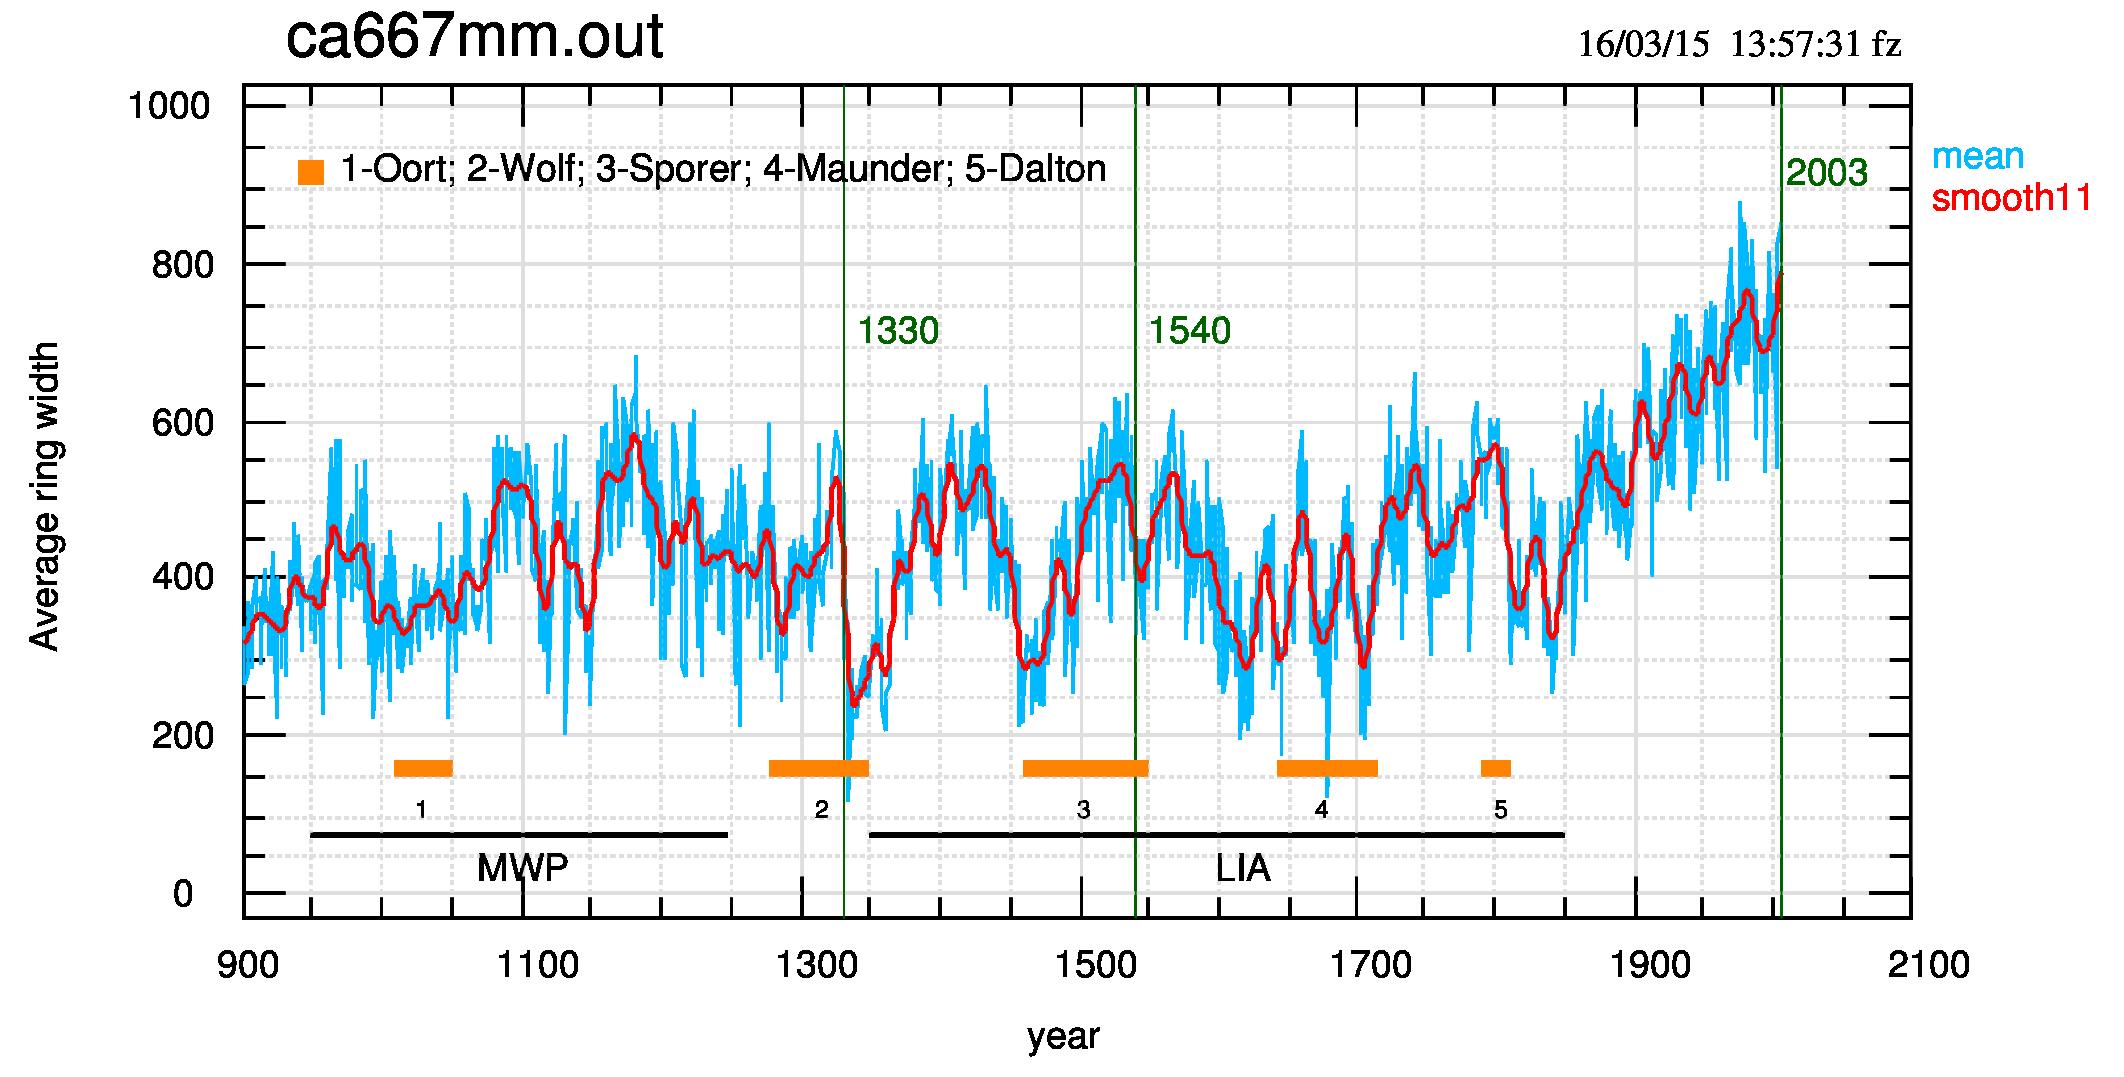 Fig.2: Dataset dell'accrescimento di alberi della California per il periodo compreso tra il 900 d.C. e il 2003. Anche qui, come in fig.1, si tratta di temperature estive. Le righe verticali definiscono tre date, due delle quali sono discusse nel post.